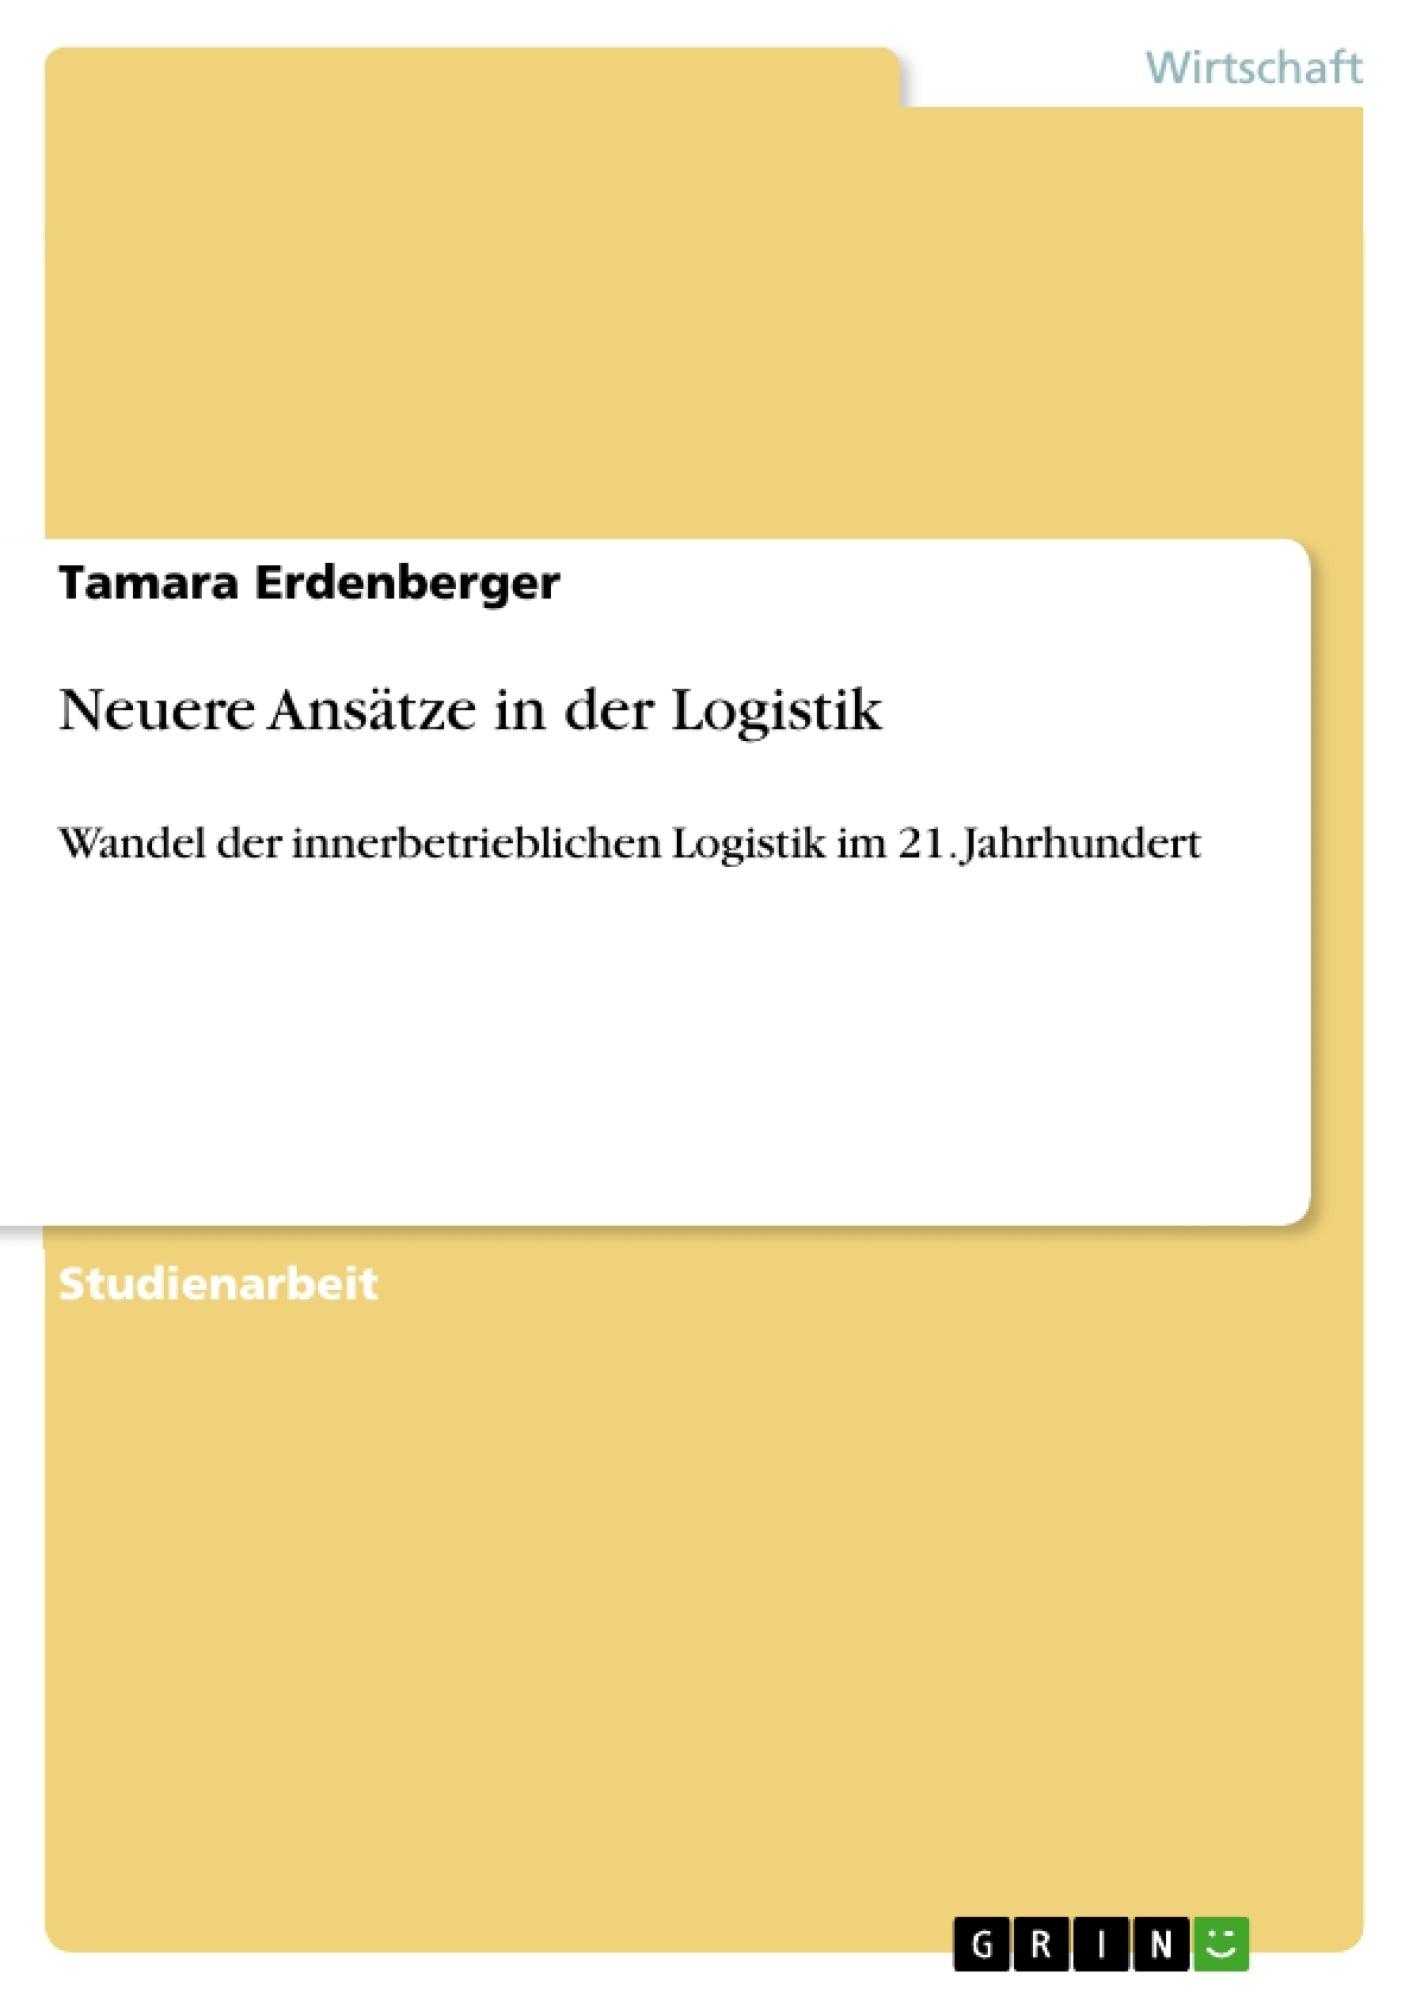 Titel: Neuere Ansätze in der Logistik